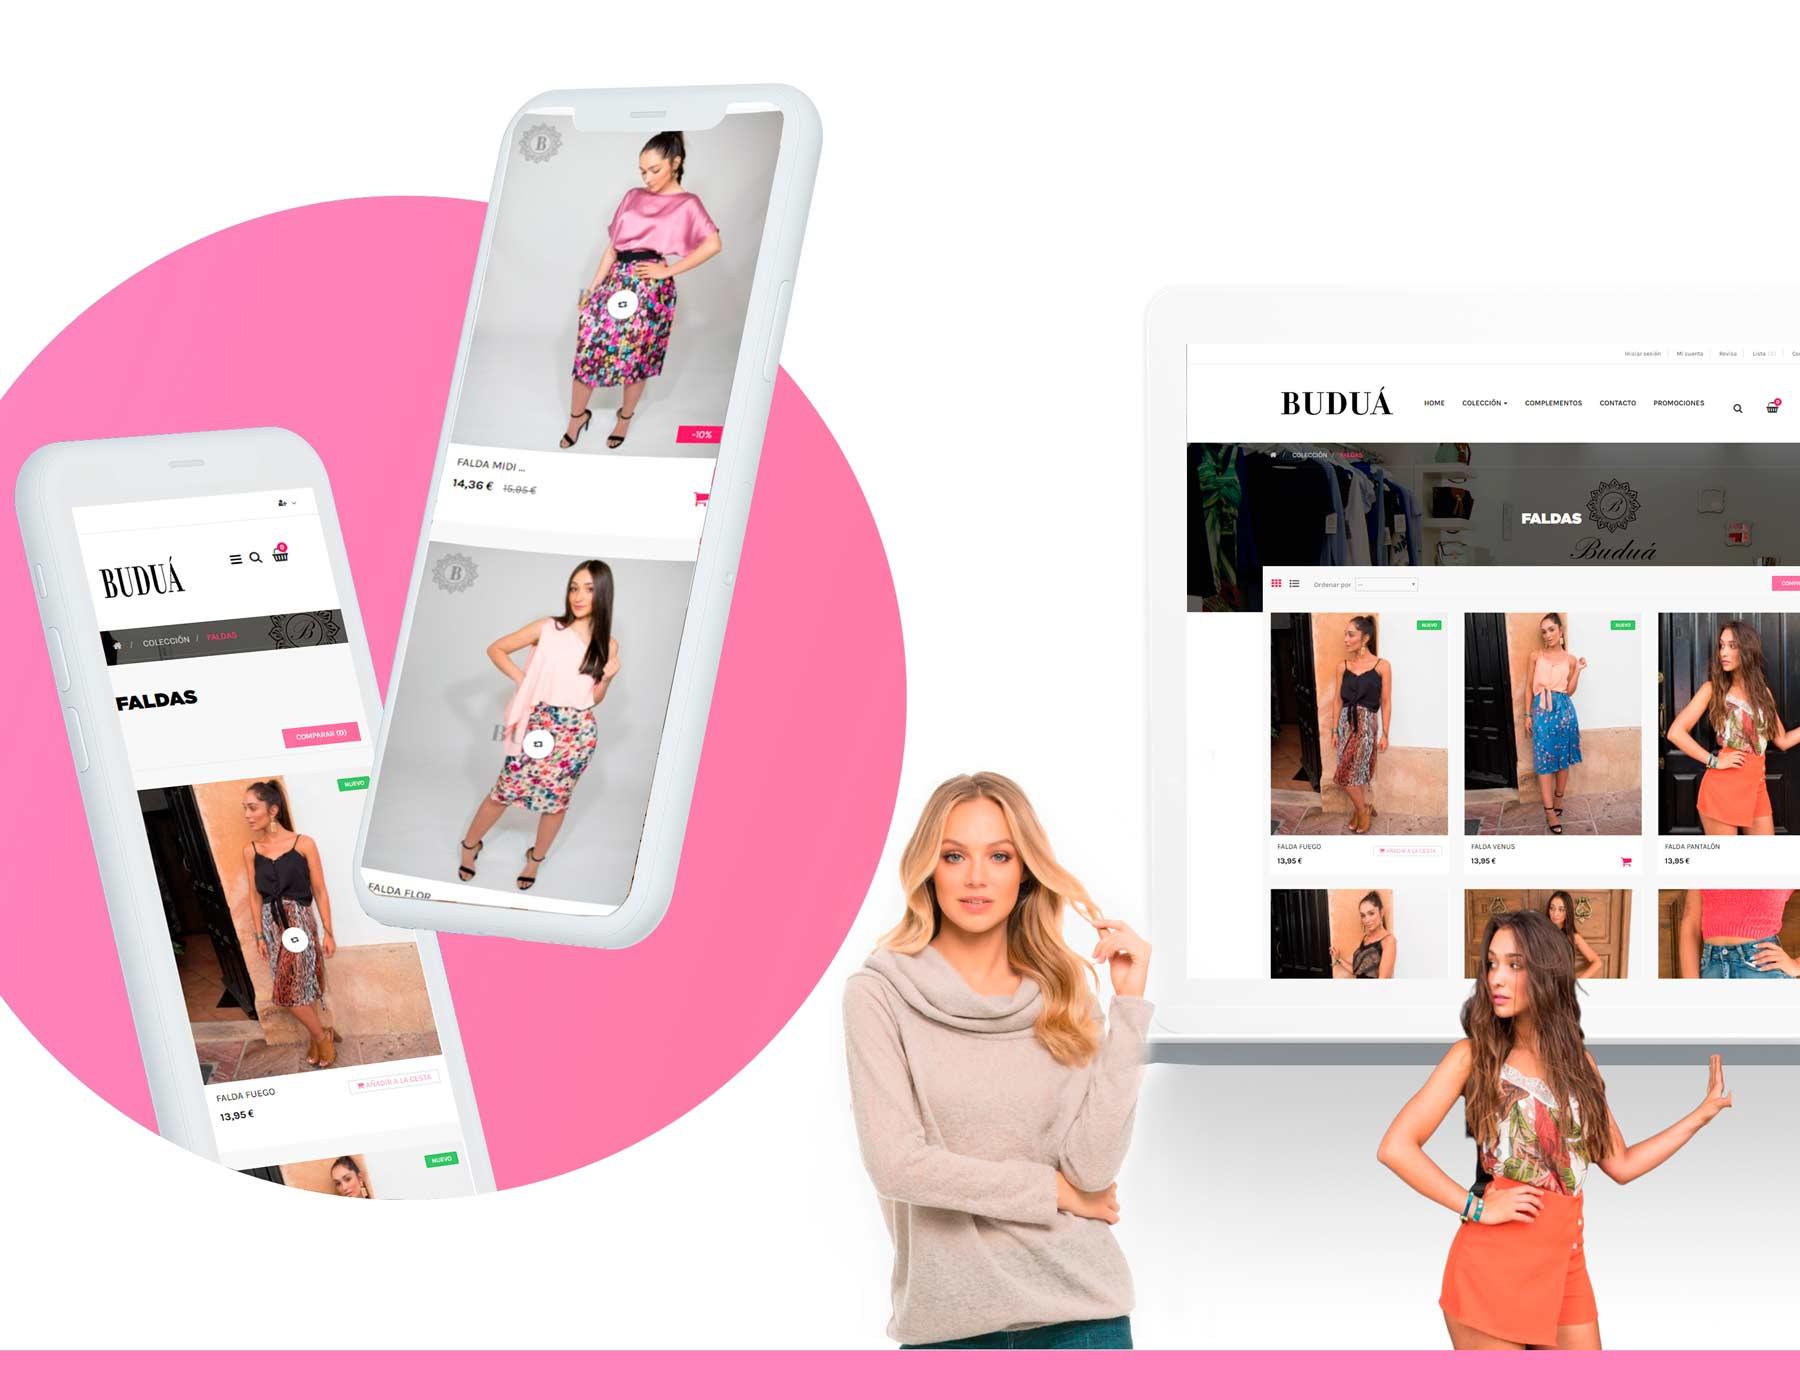 diseño web tienda online  de ropa de mujer - Málaga Ronda